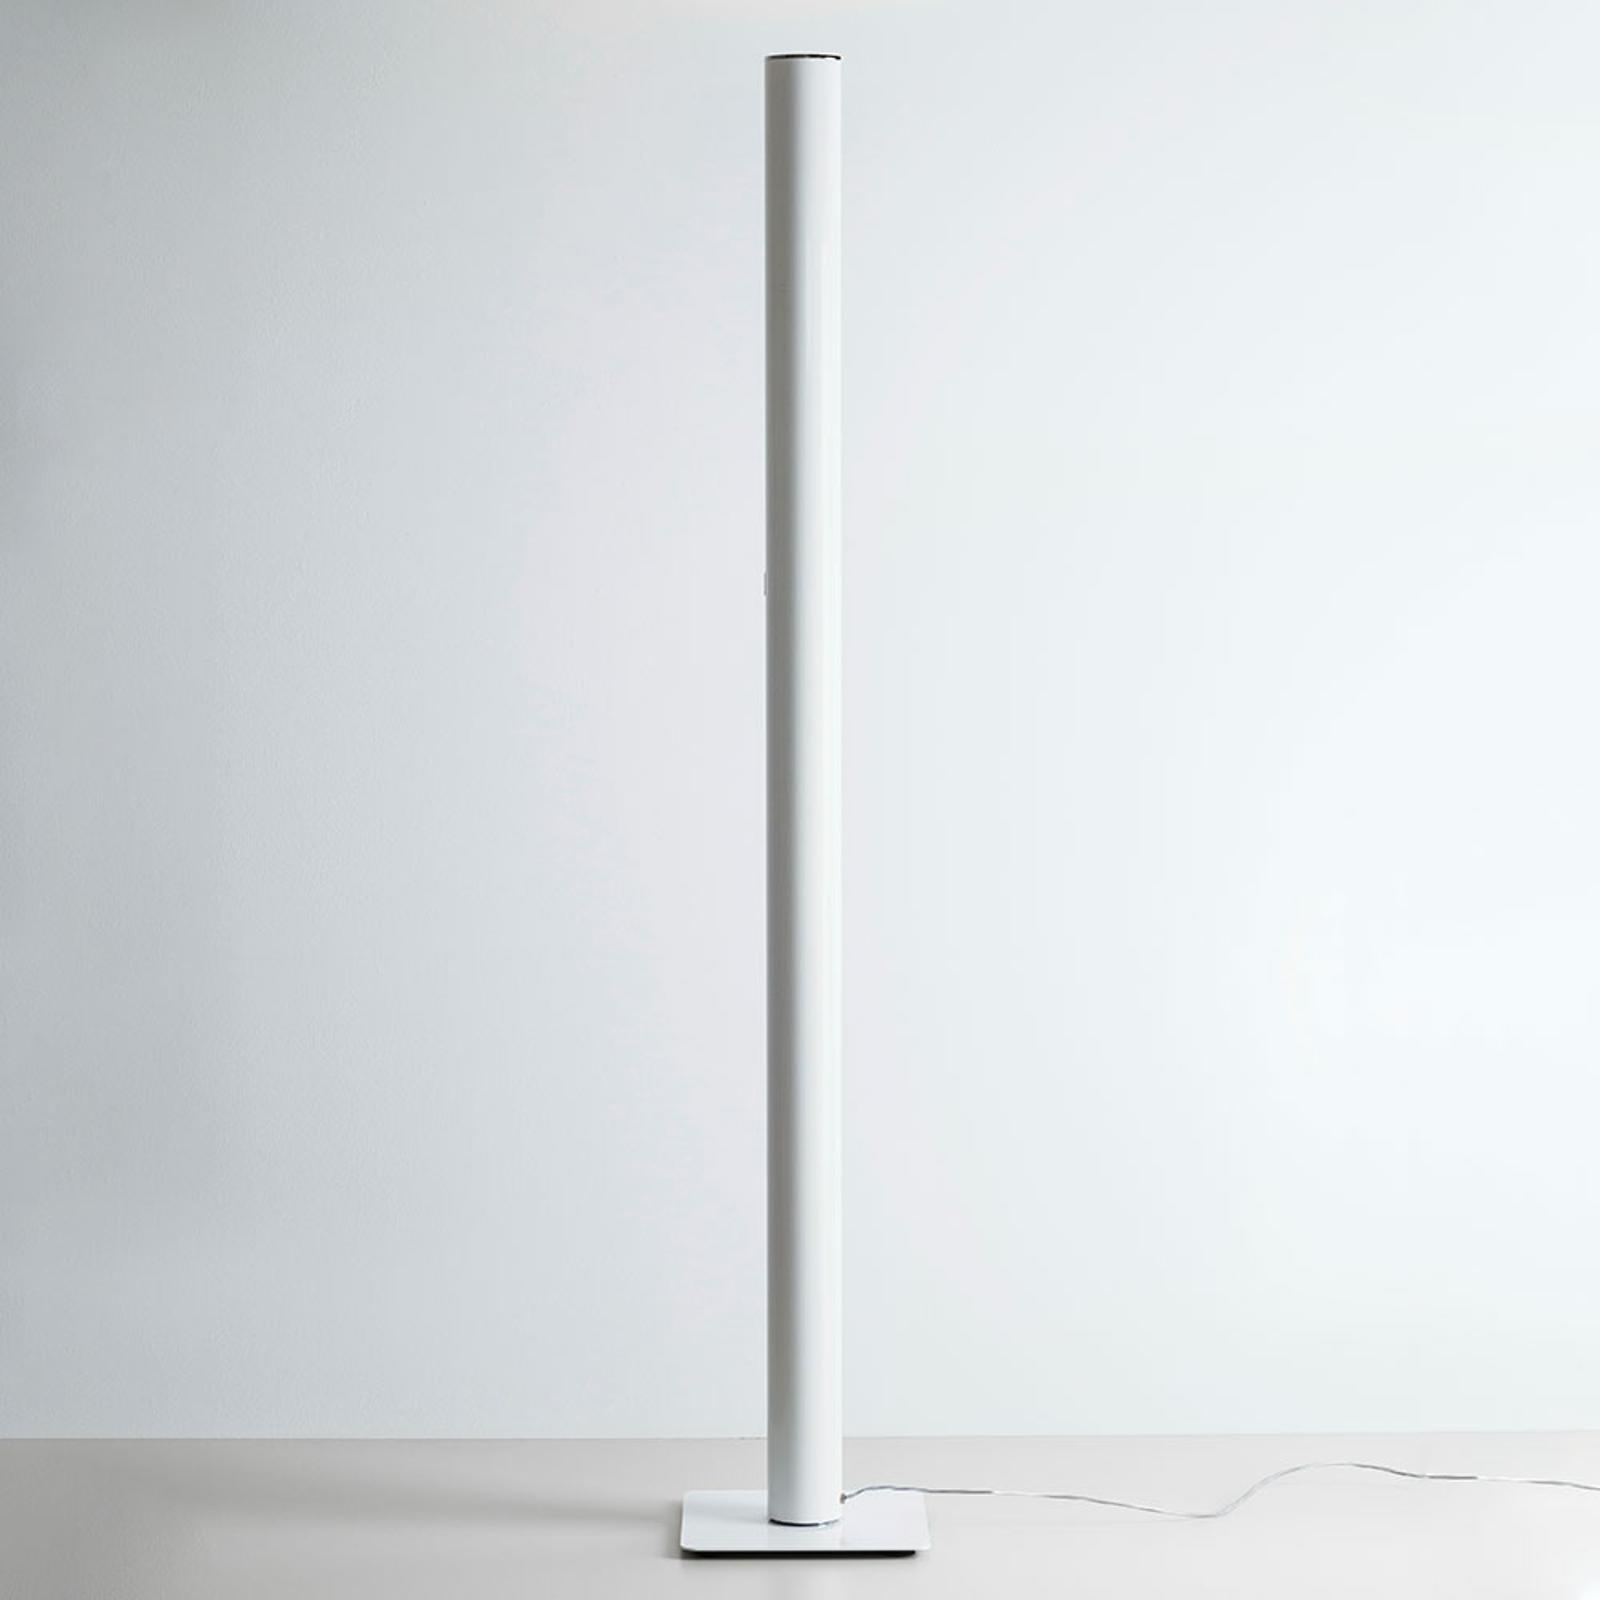 Artemide Ilio lampa stojąca LED, biała, 2700K